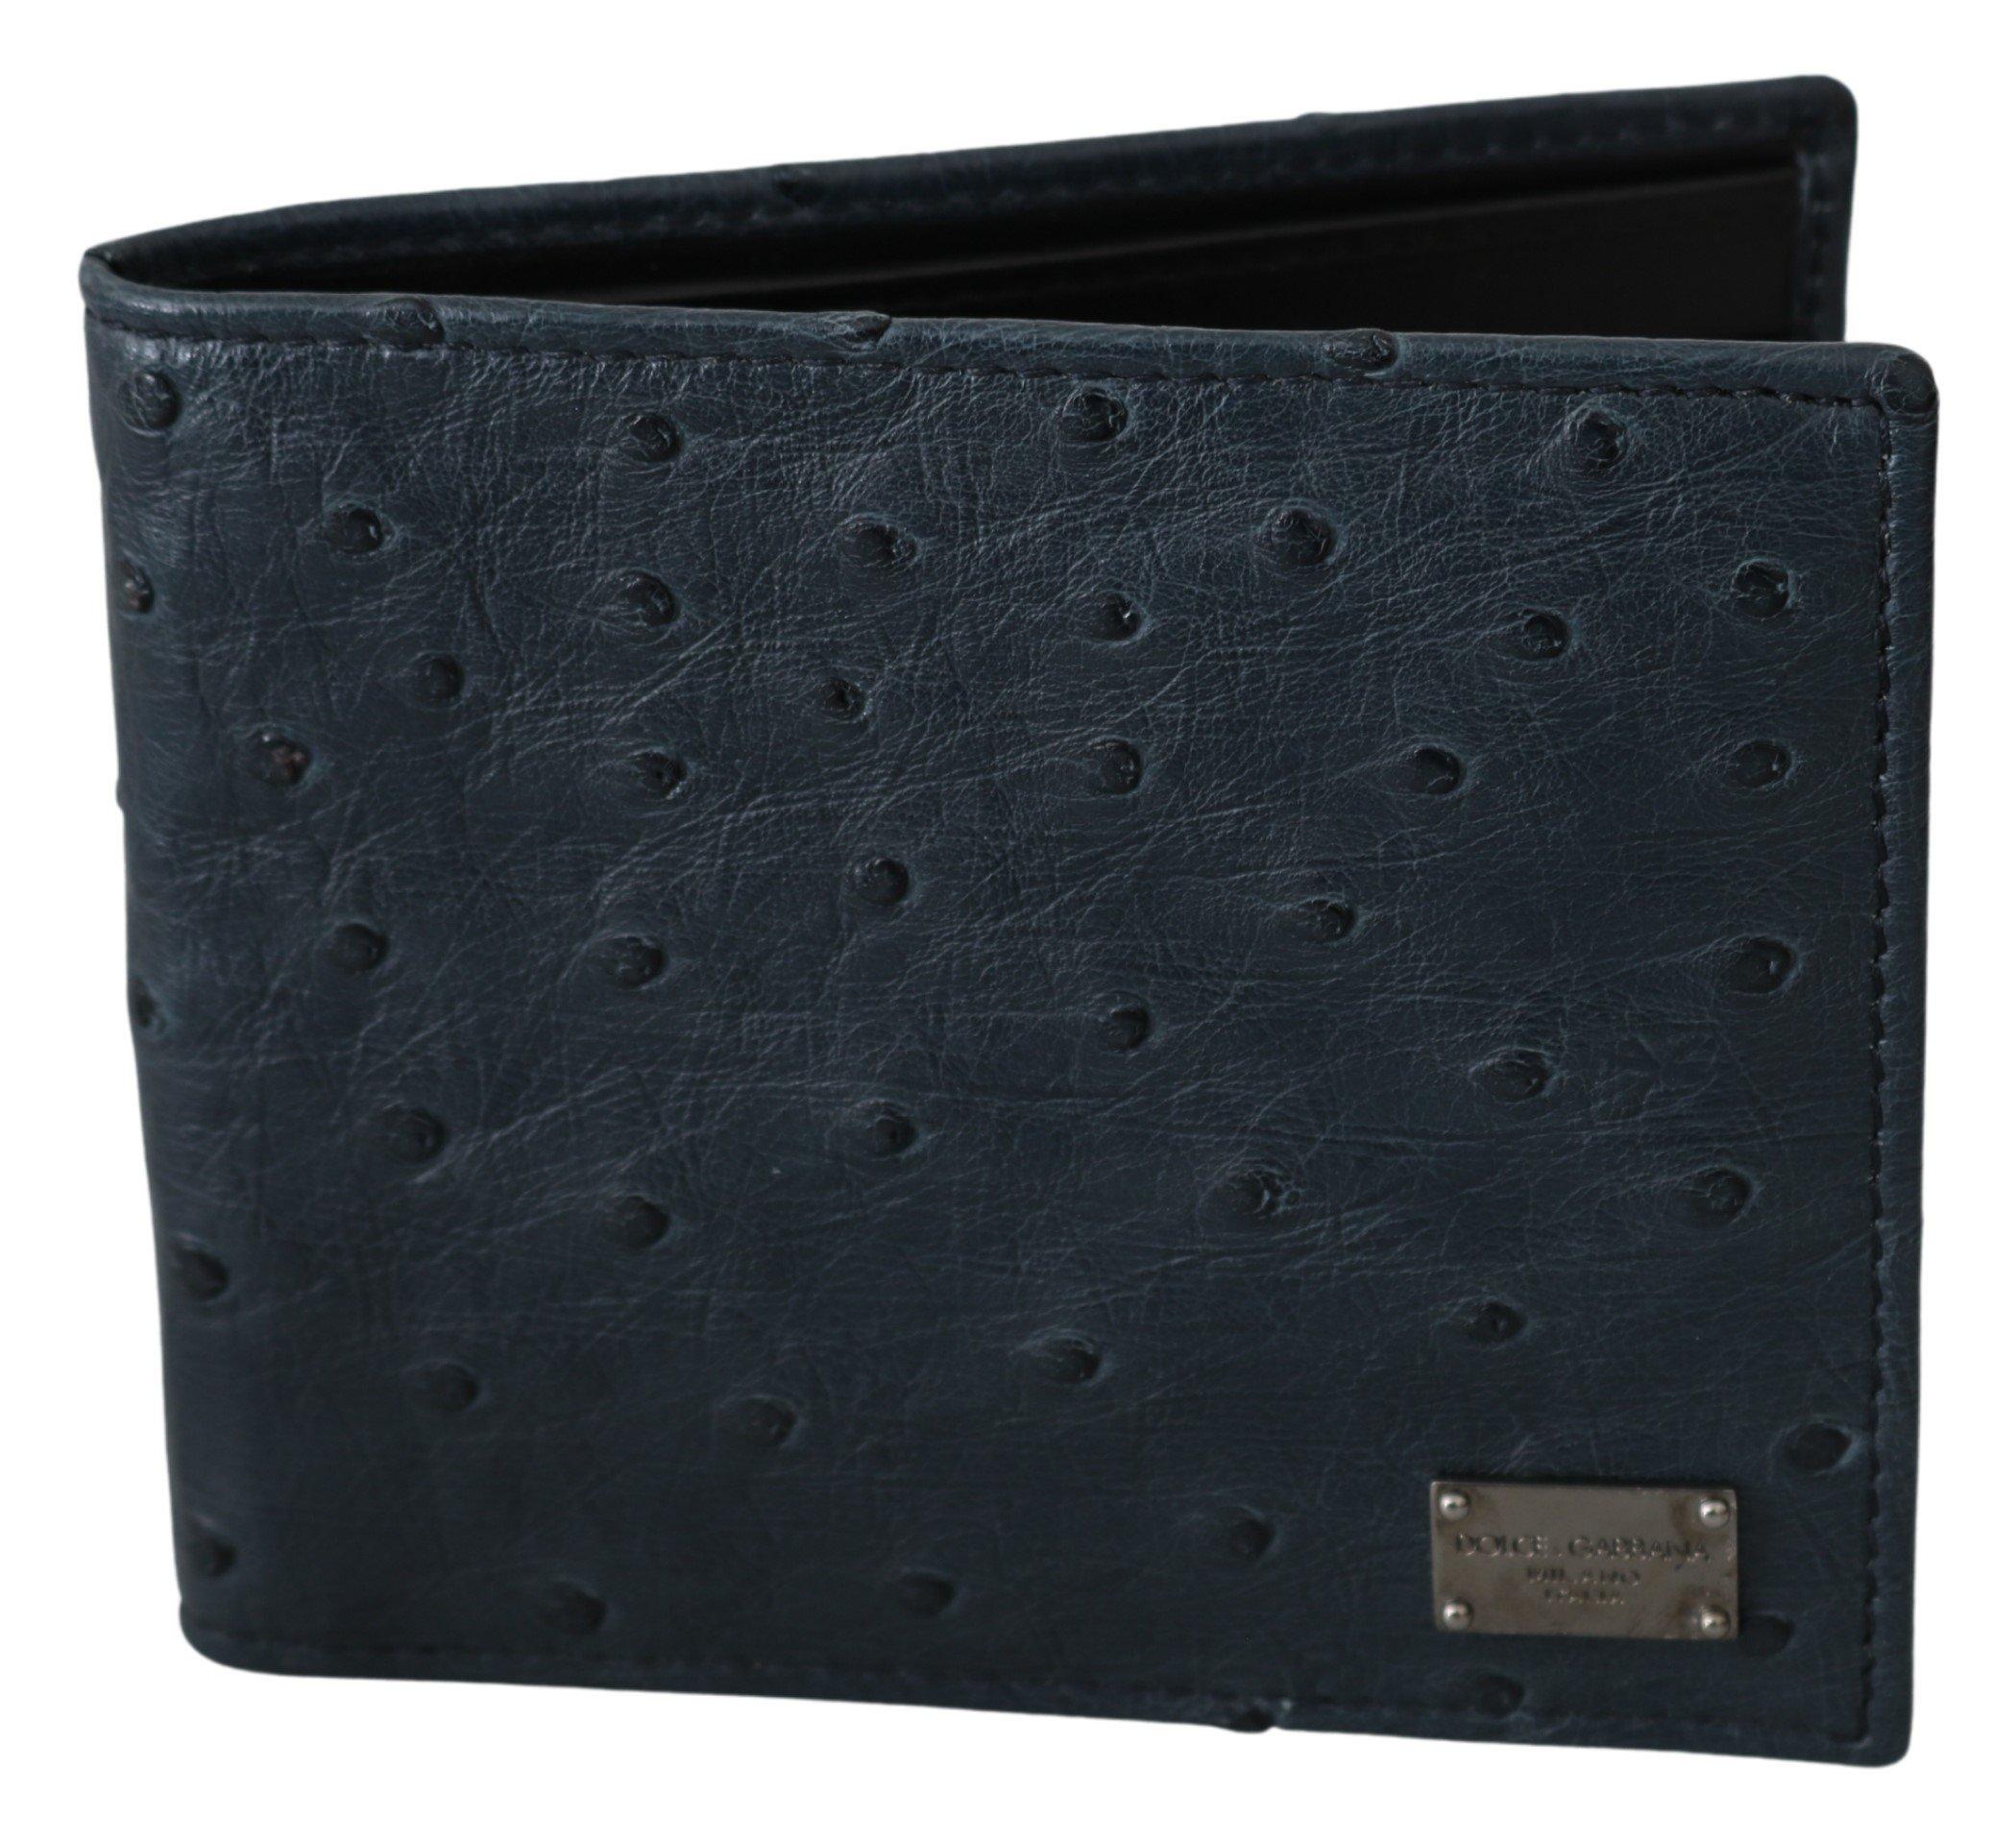 Dolce & Gabbana Men's Ostrich Leather Bifold Wallet Blue VAS9695